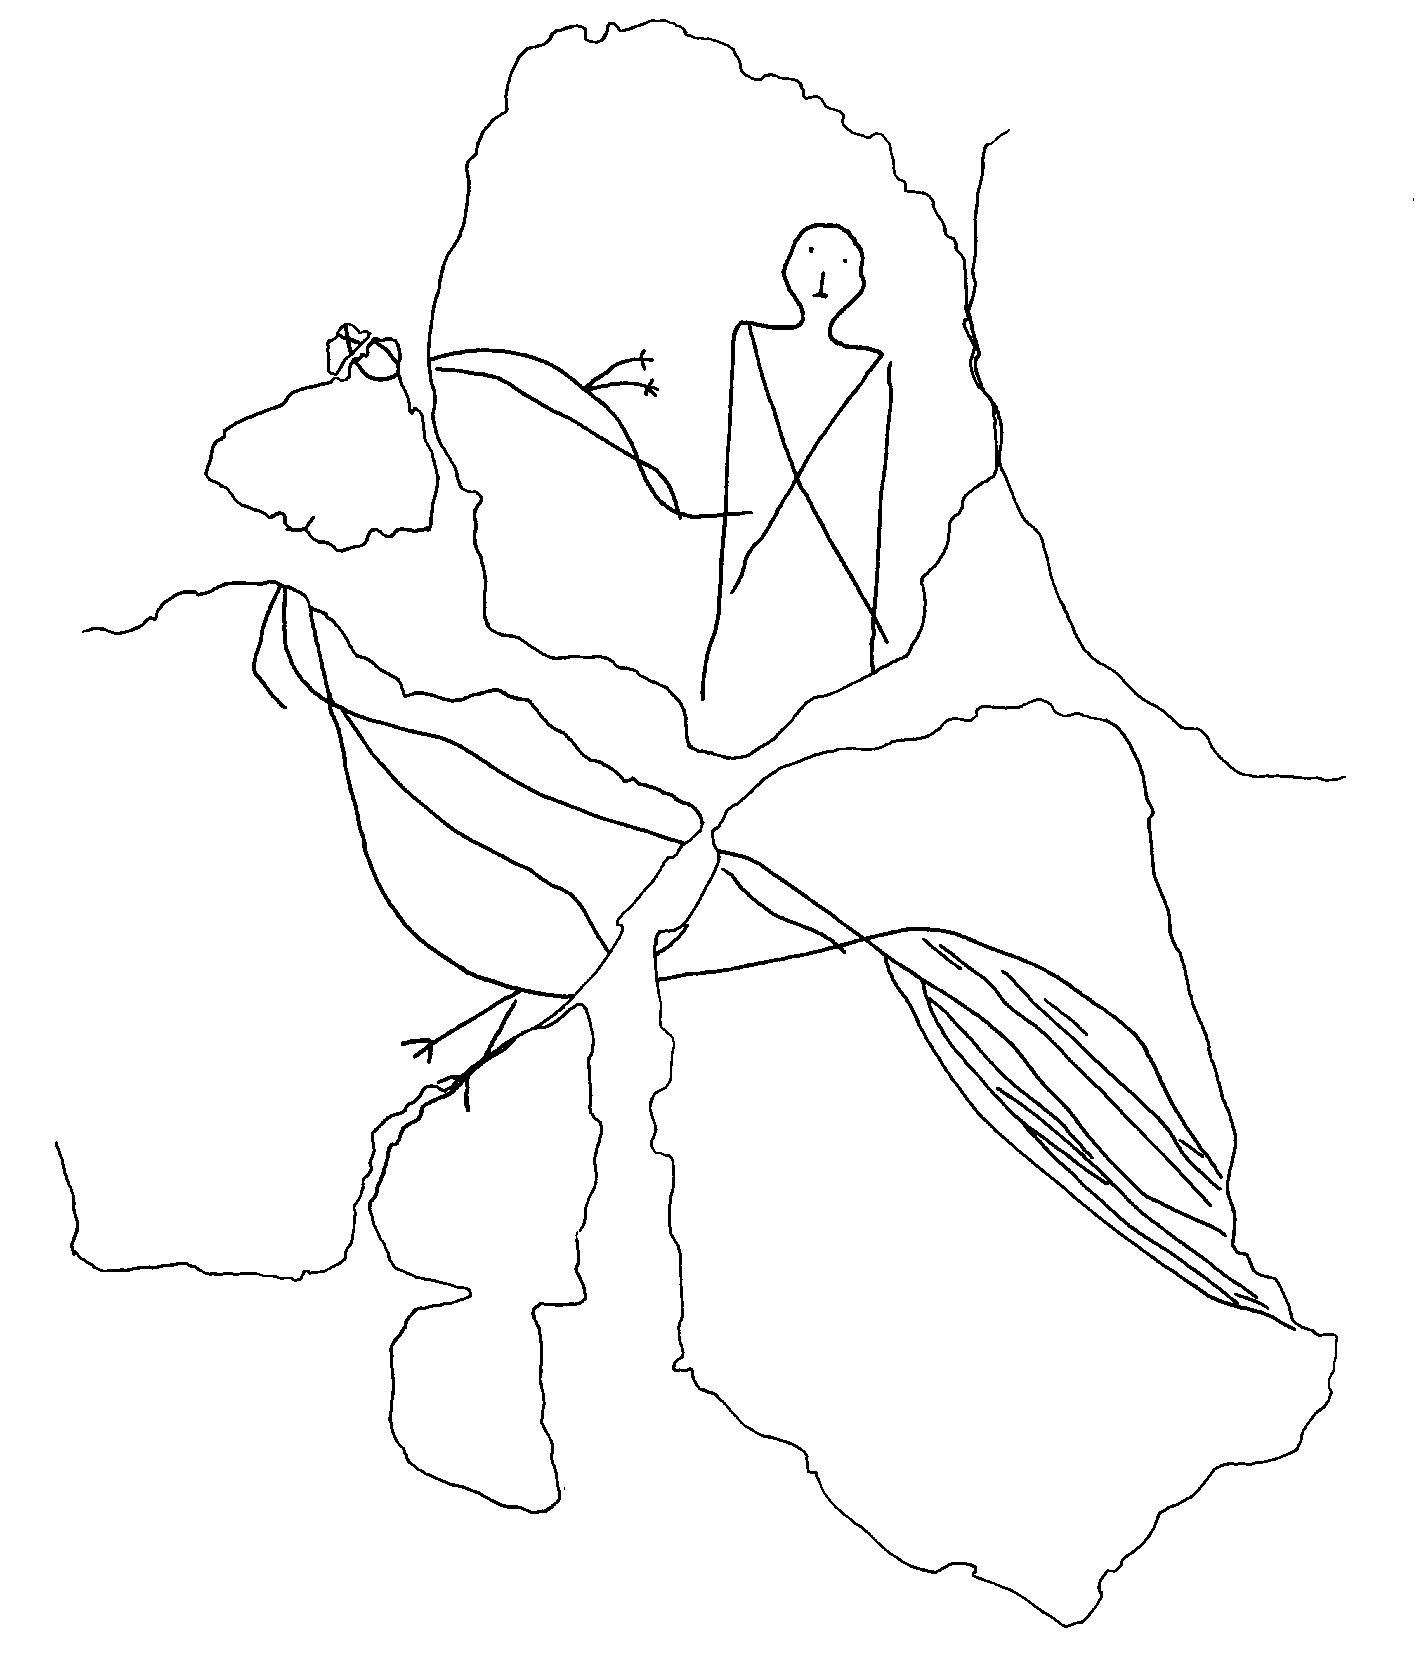 Römisches Freizeitvergnügen: Szenen eines Hahnenkampfs in den Verputz einer Wand geritzt. (Bild: B. Hartmann, Universität Zürich)